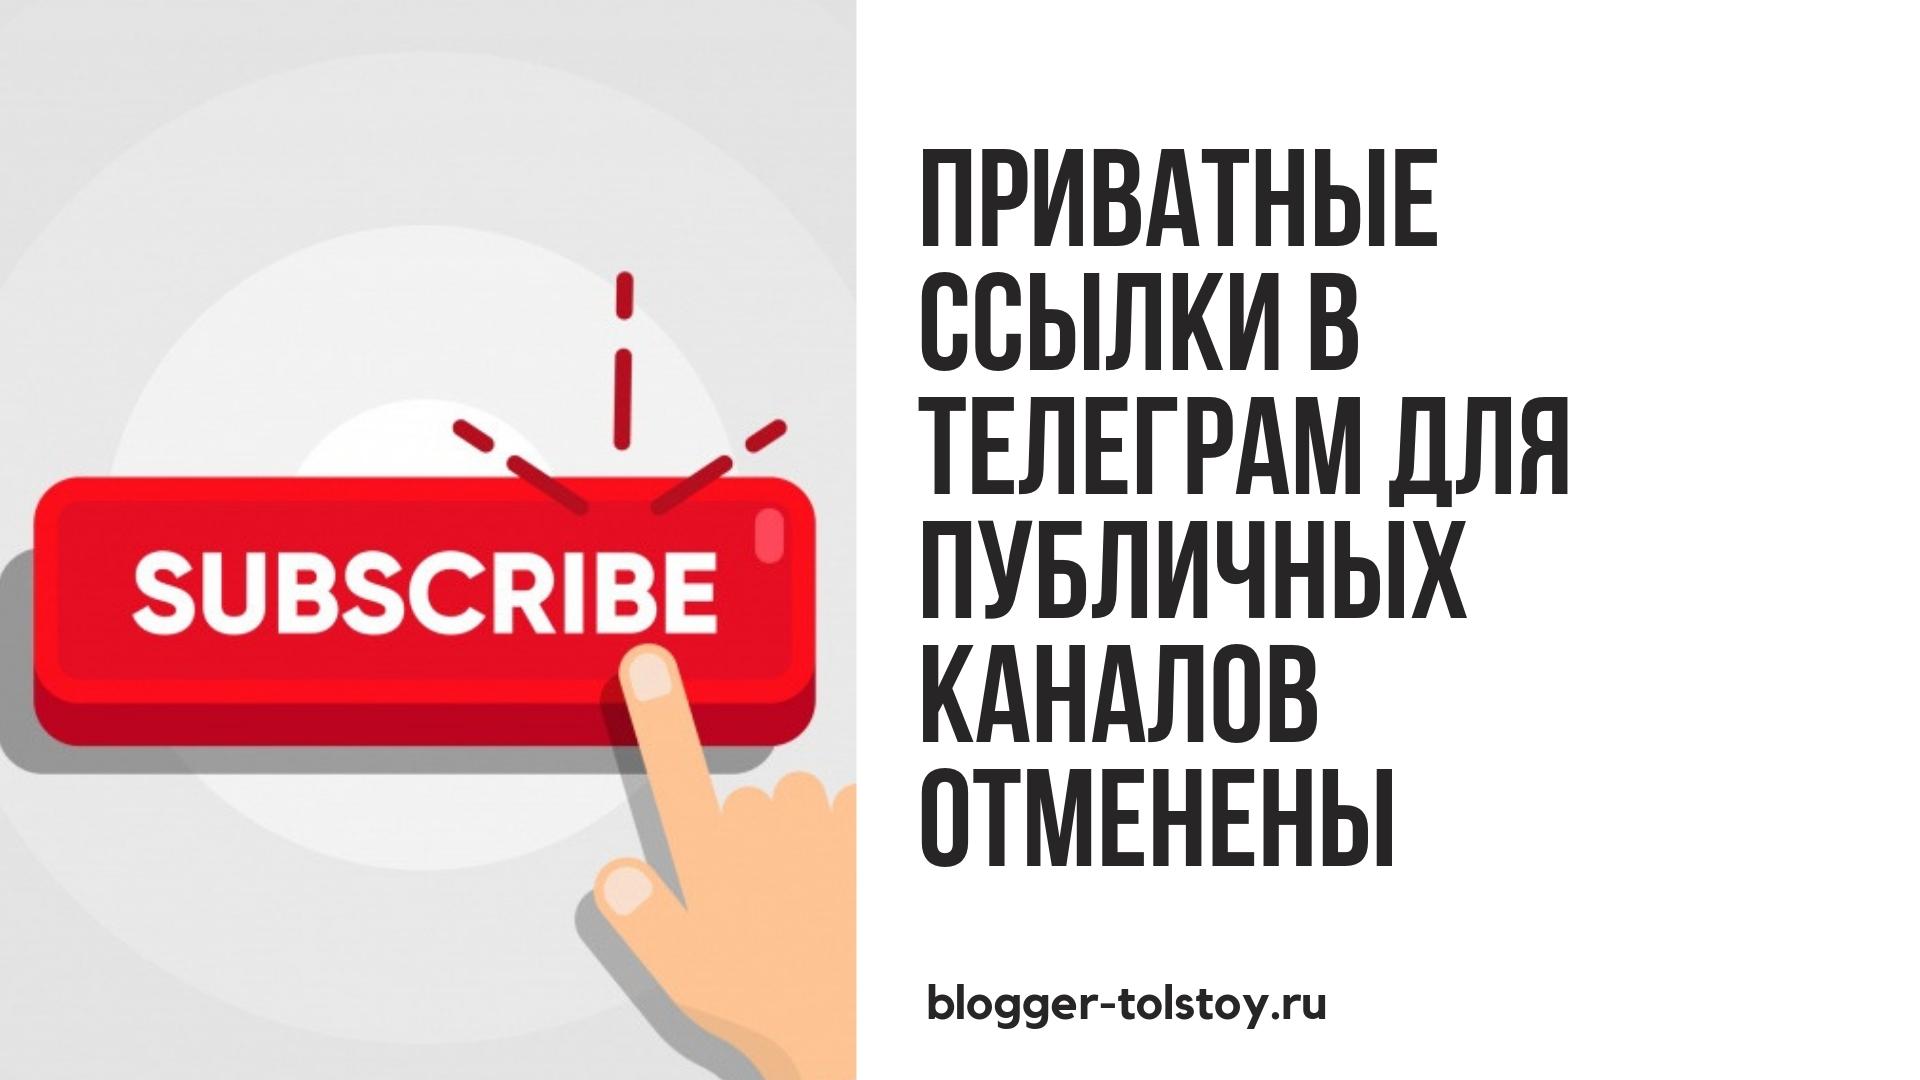 Приватные ссылки в телеграм для публичных каналов отменены